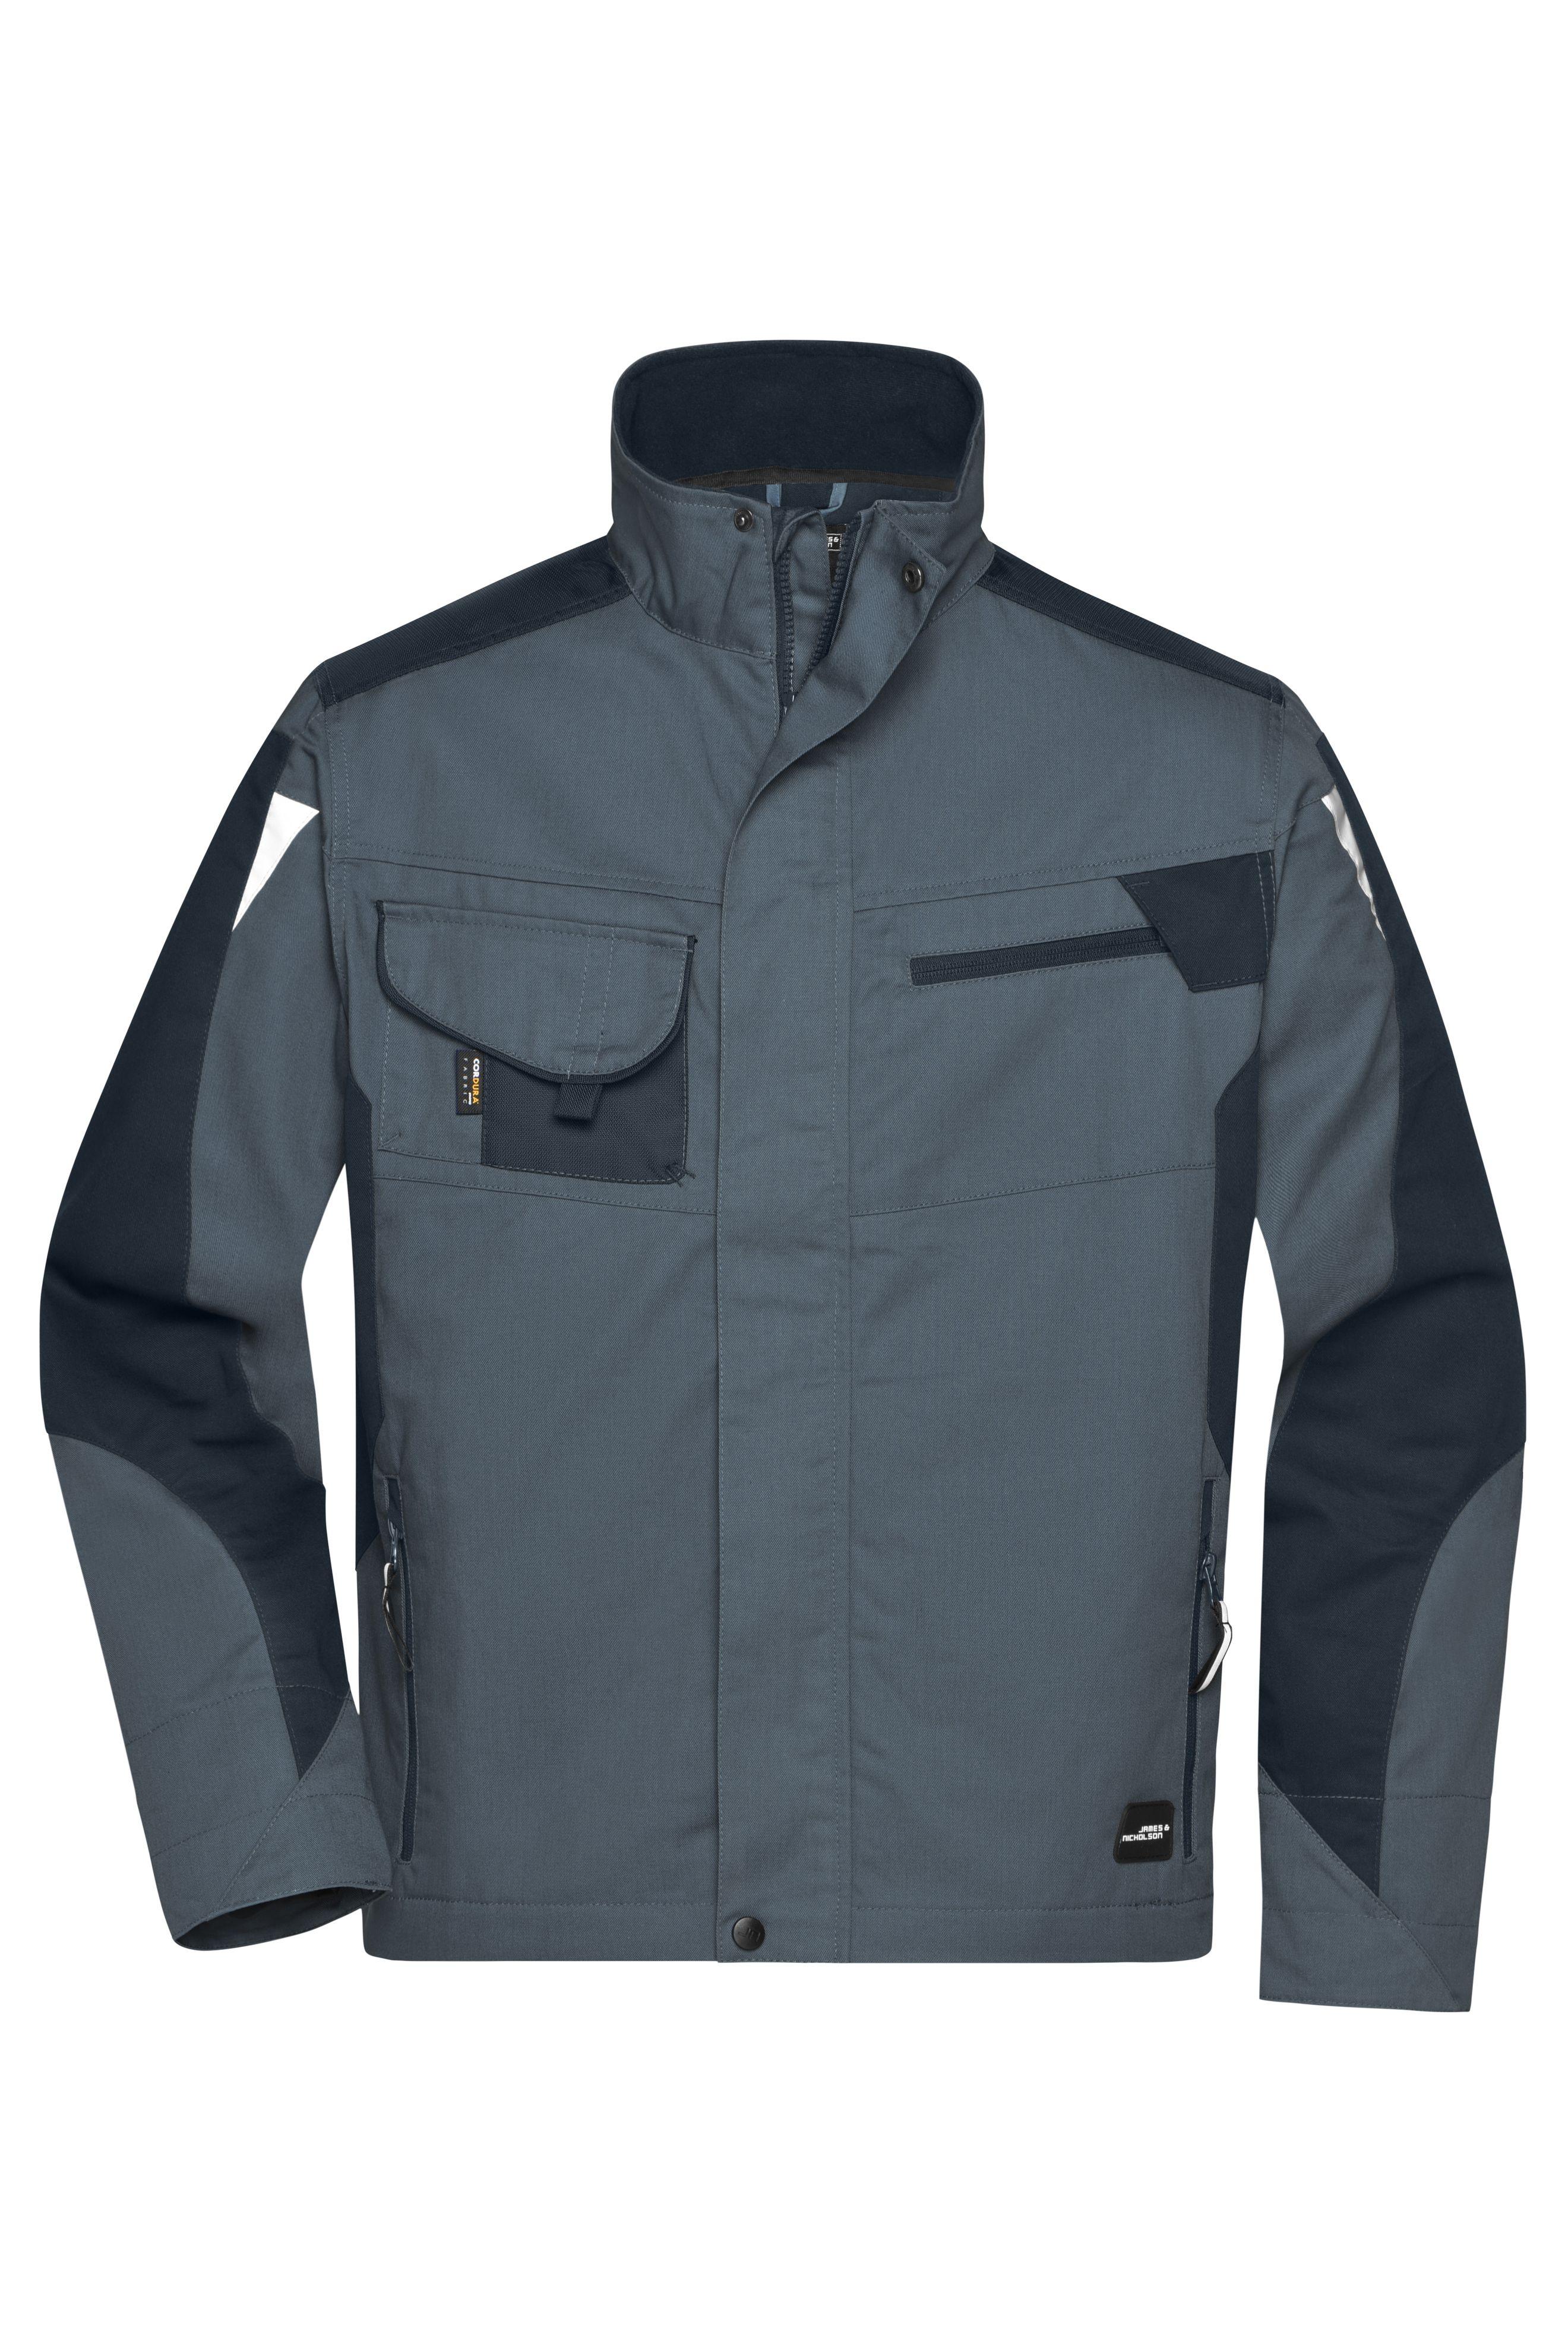 Professionelle Jacke mit hochwertiger Ausstattung